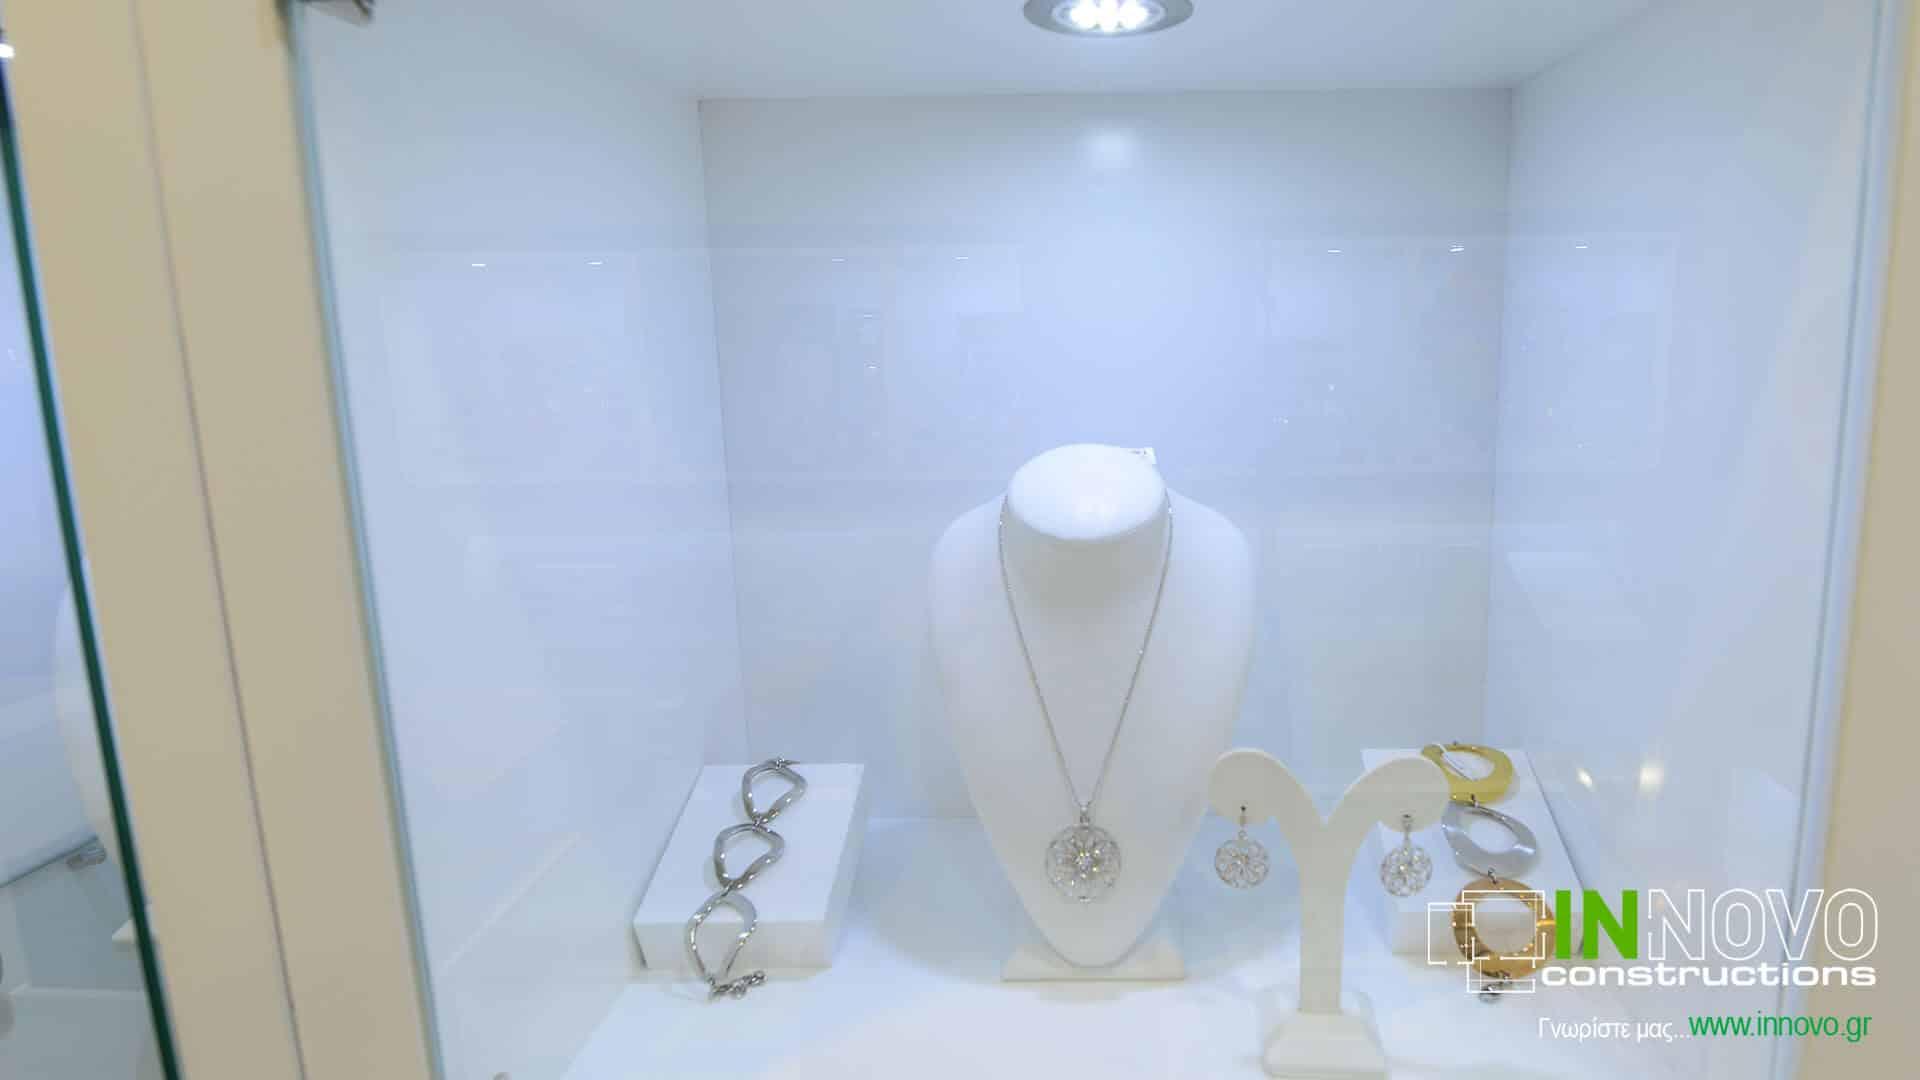 anakainisi-kosmimatopoleiou-jewelry-renovation-kosmimatopoleio-peristeri-1446-12